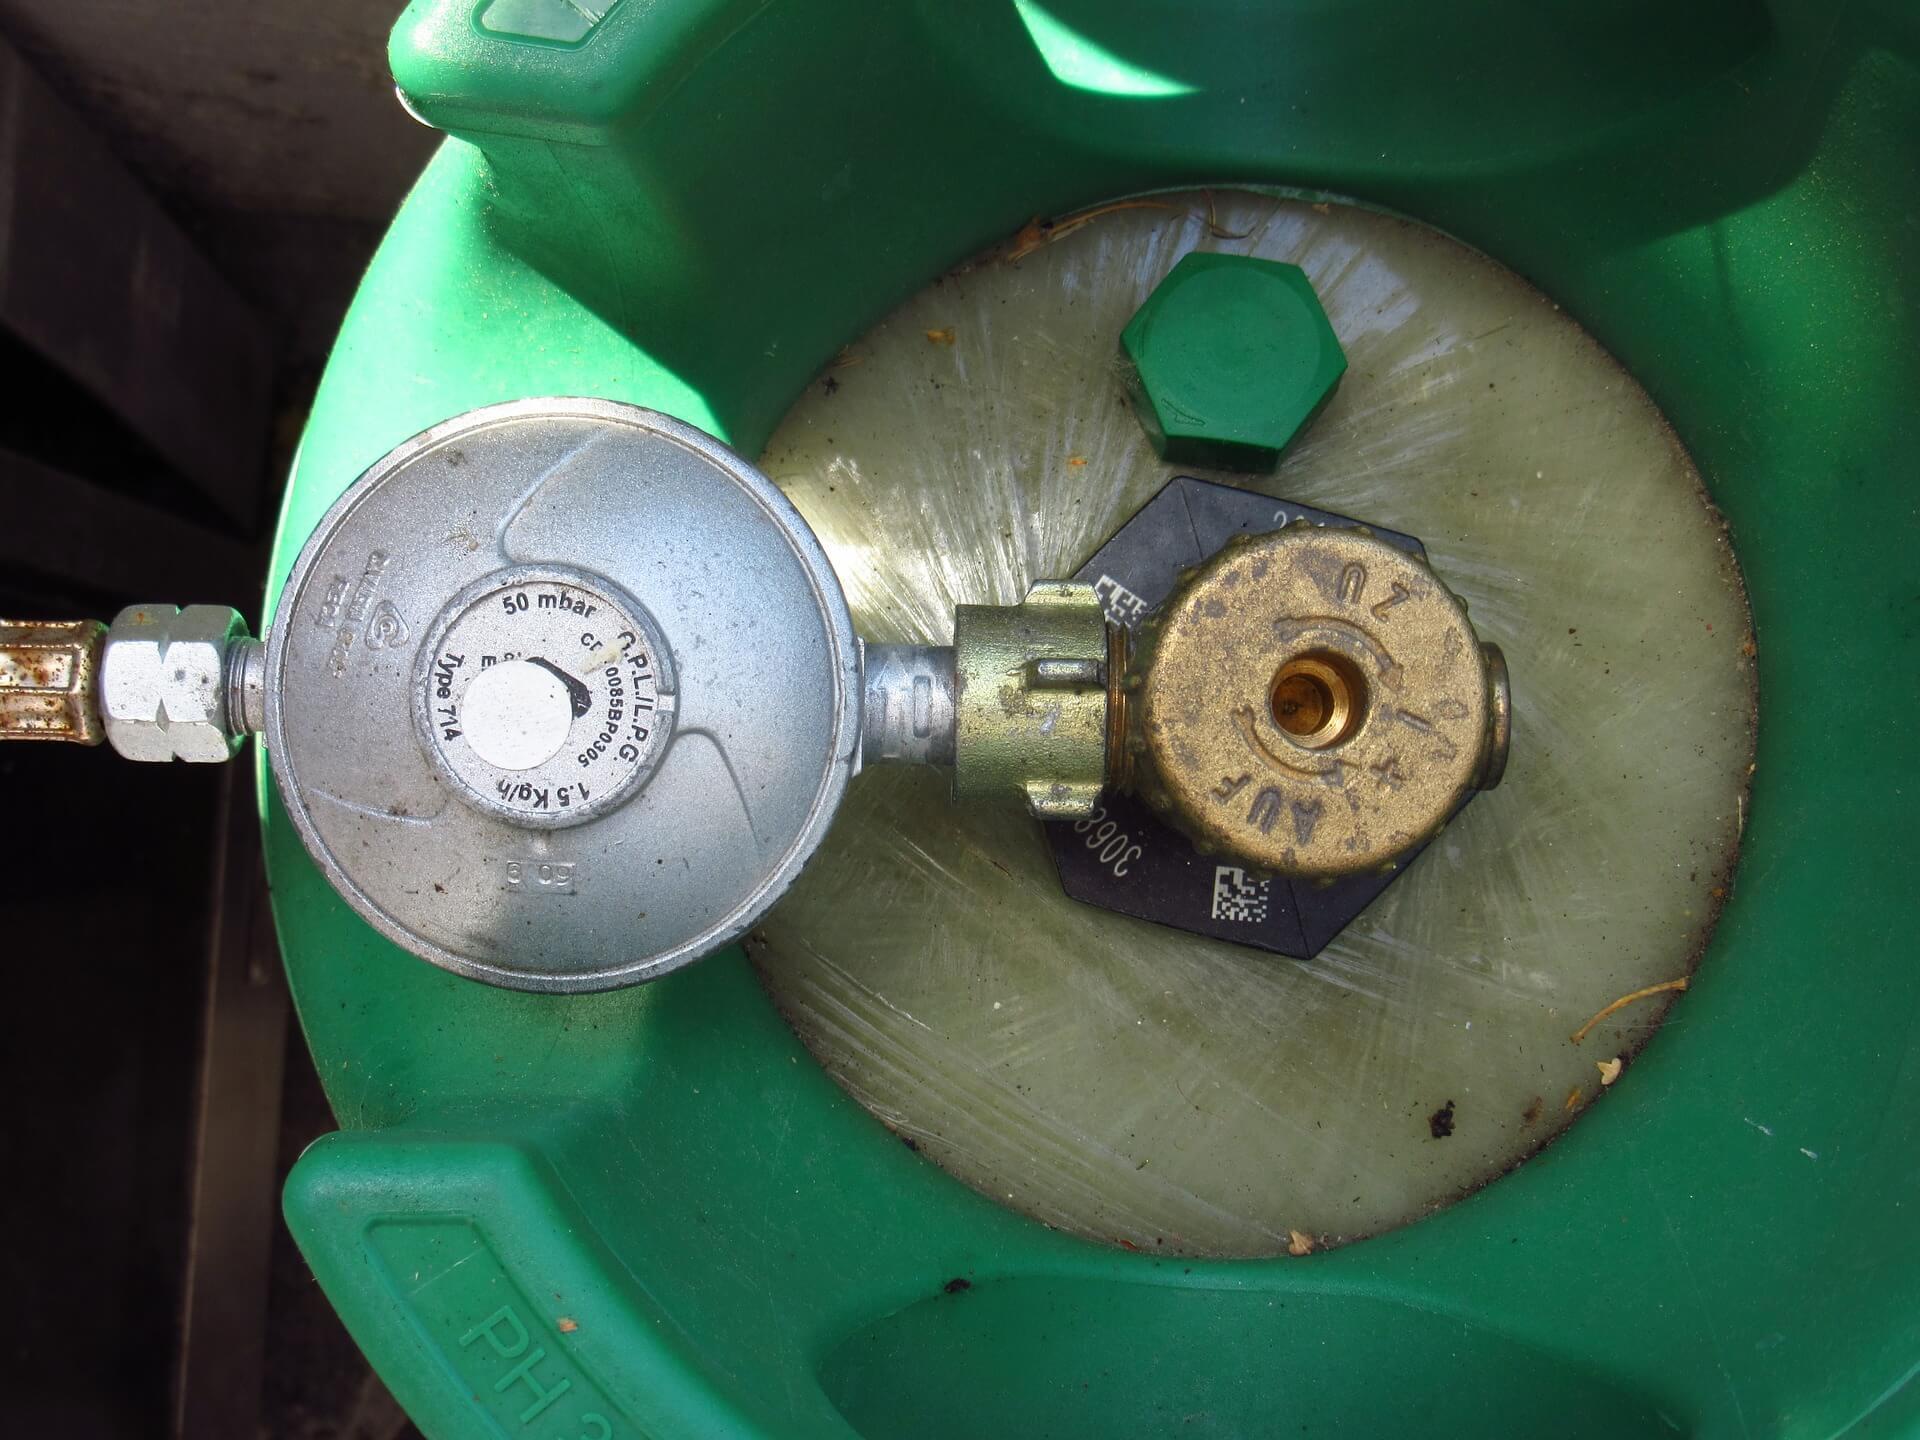 Enders Gasgrill Gasflasche : ᐅ sicherheitshinweise im umgang mit gasgrills wichtige schritte